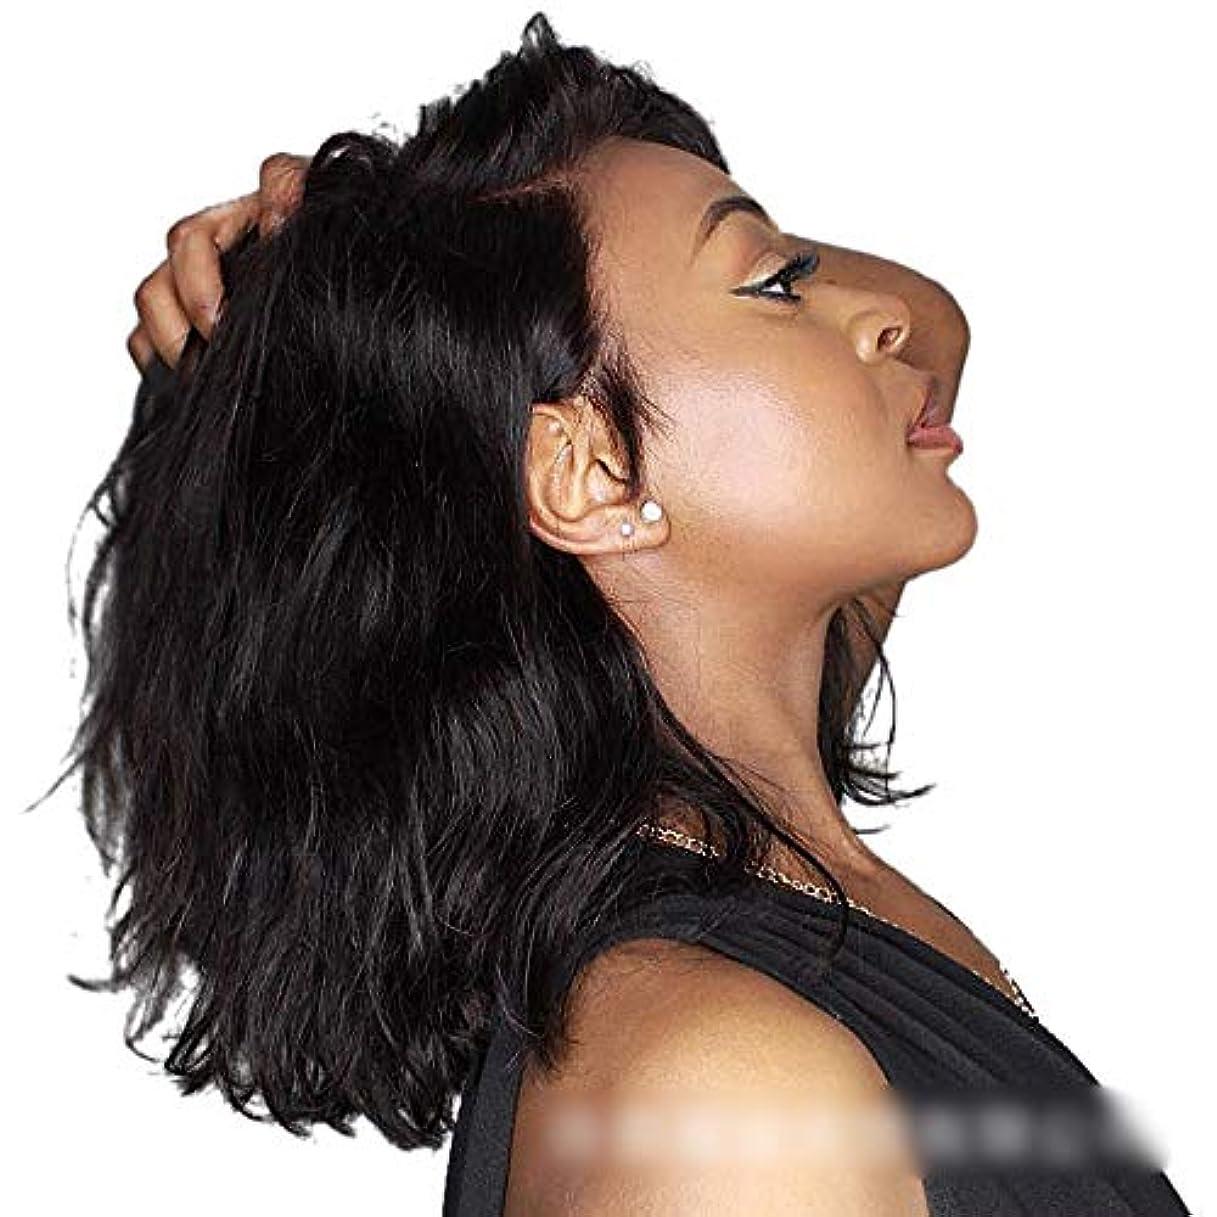 約束するいらいらする死すべきMayalina フロントレースウィッグナチュラルカーリーウィッグバージン人間の髪かつらプレ摘み取ら自然な生え際(8